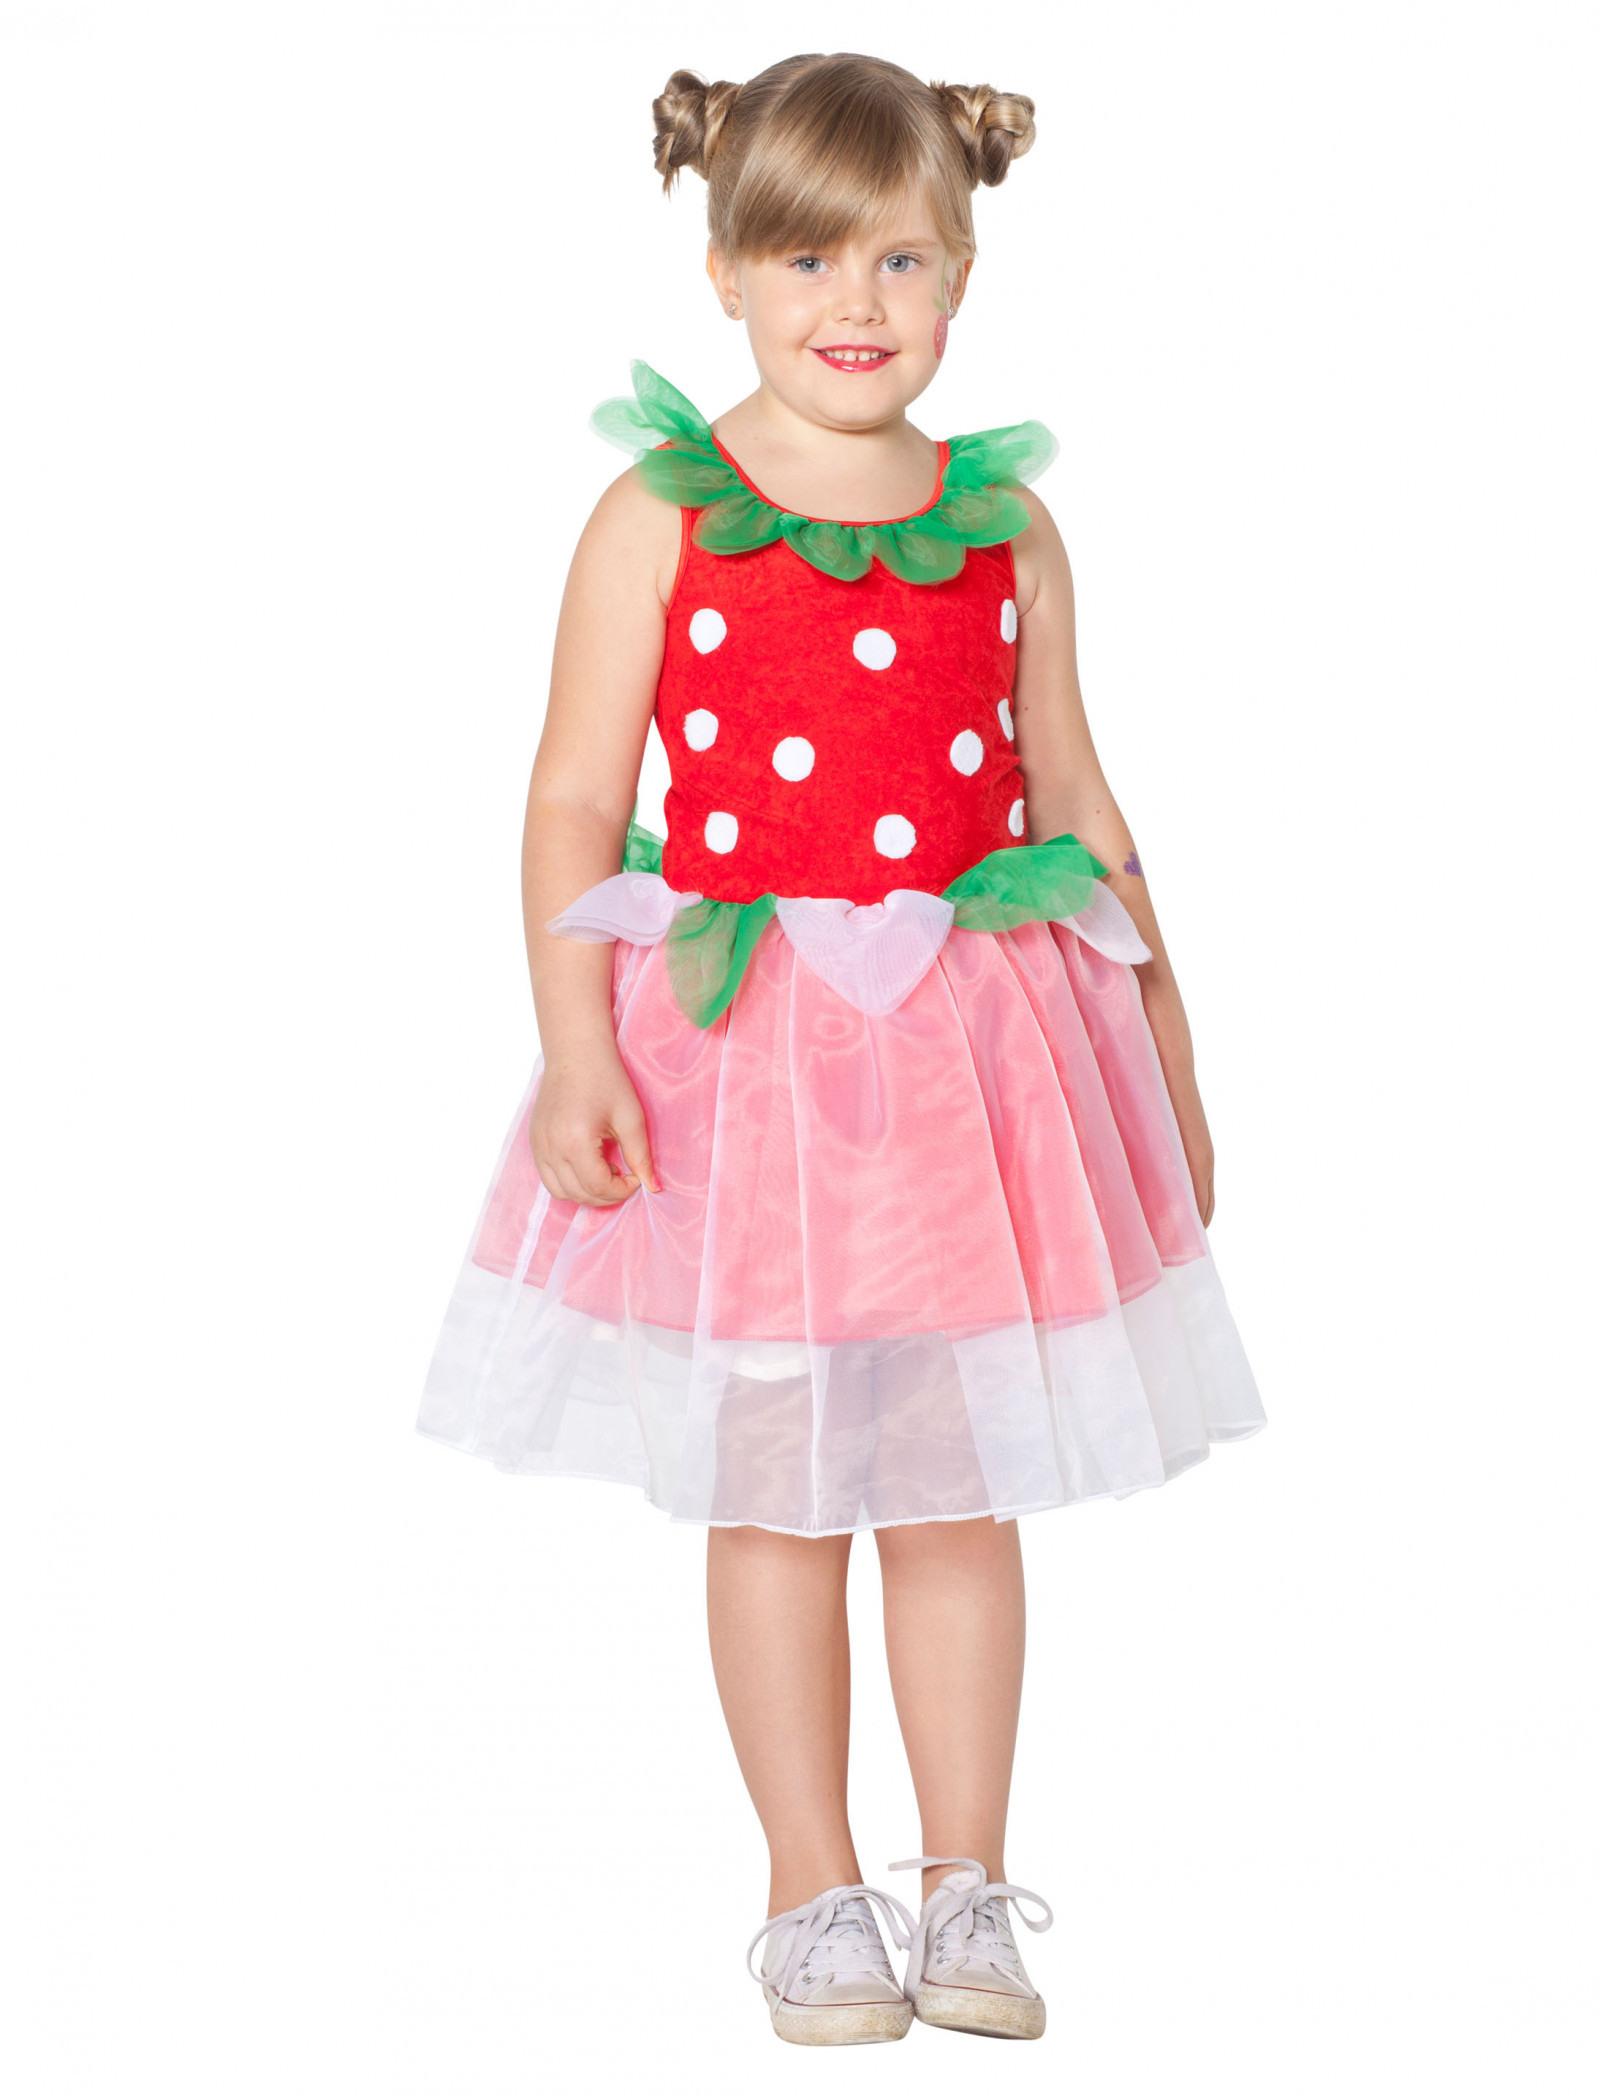 Kleid Erdbeere Kinder Für Karneval  Fasching Kaufen » Deiters